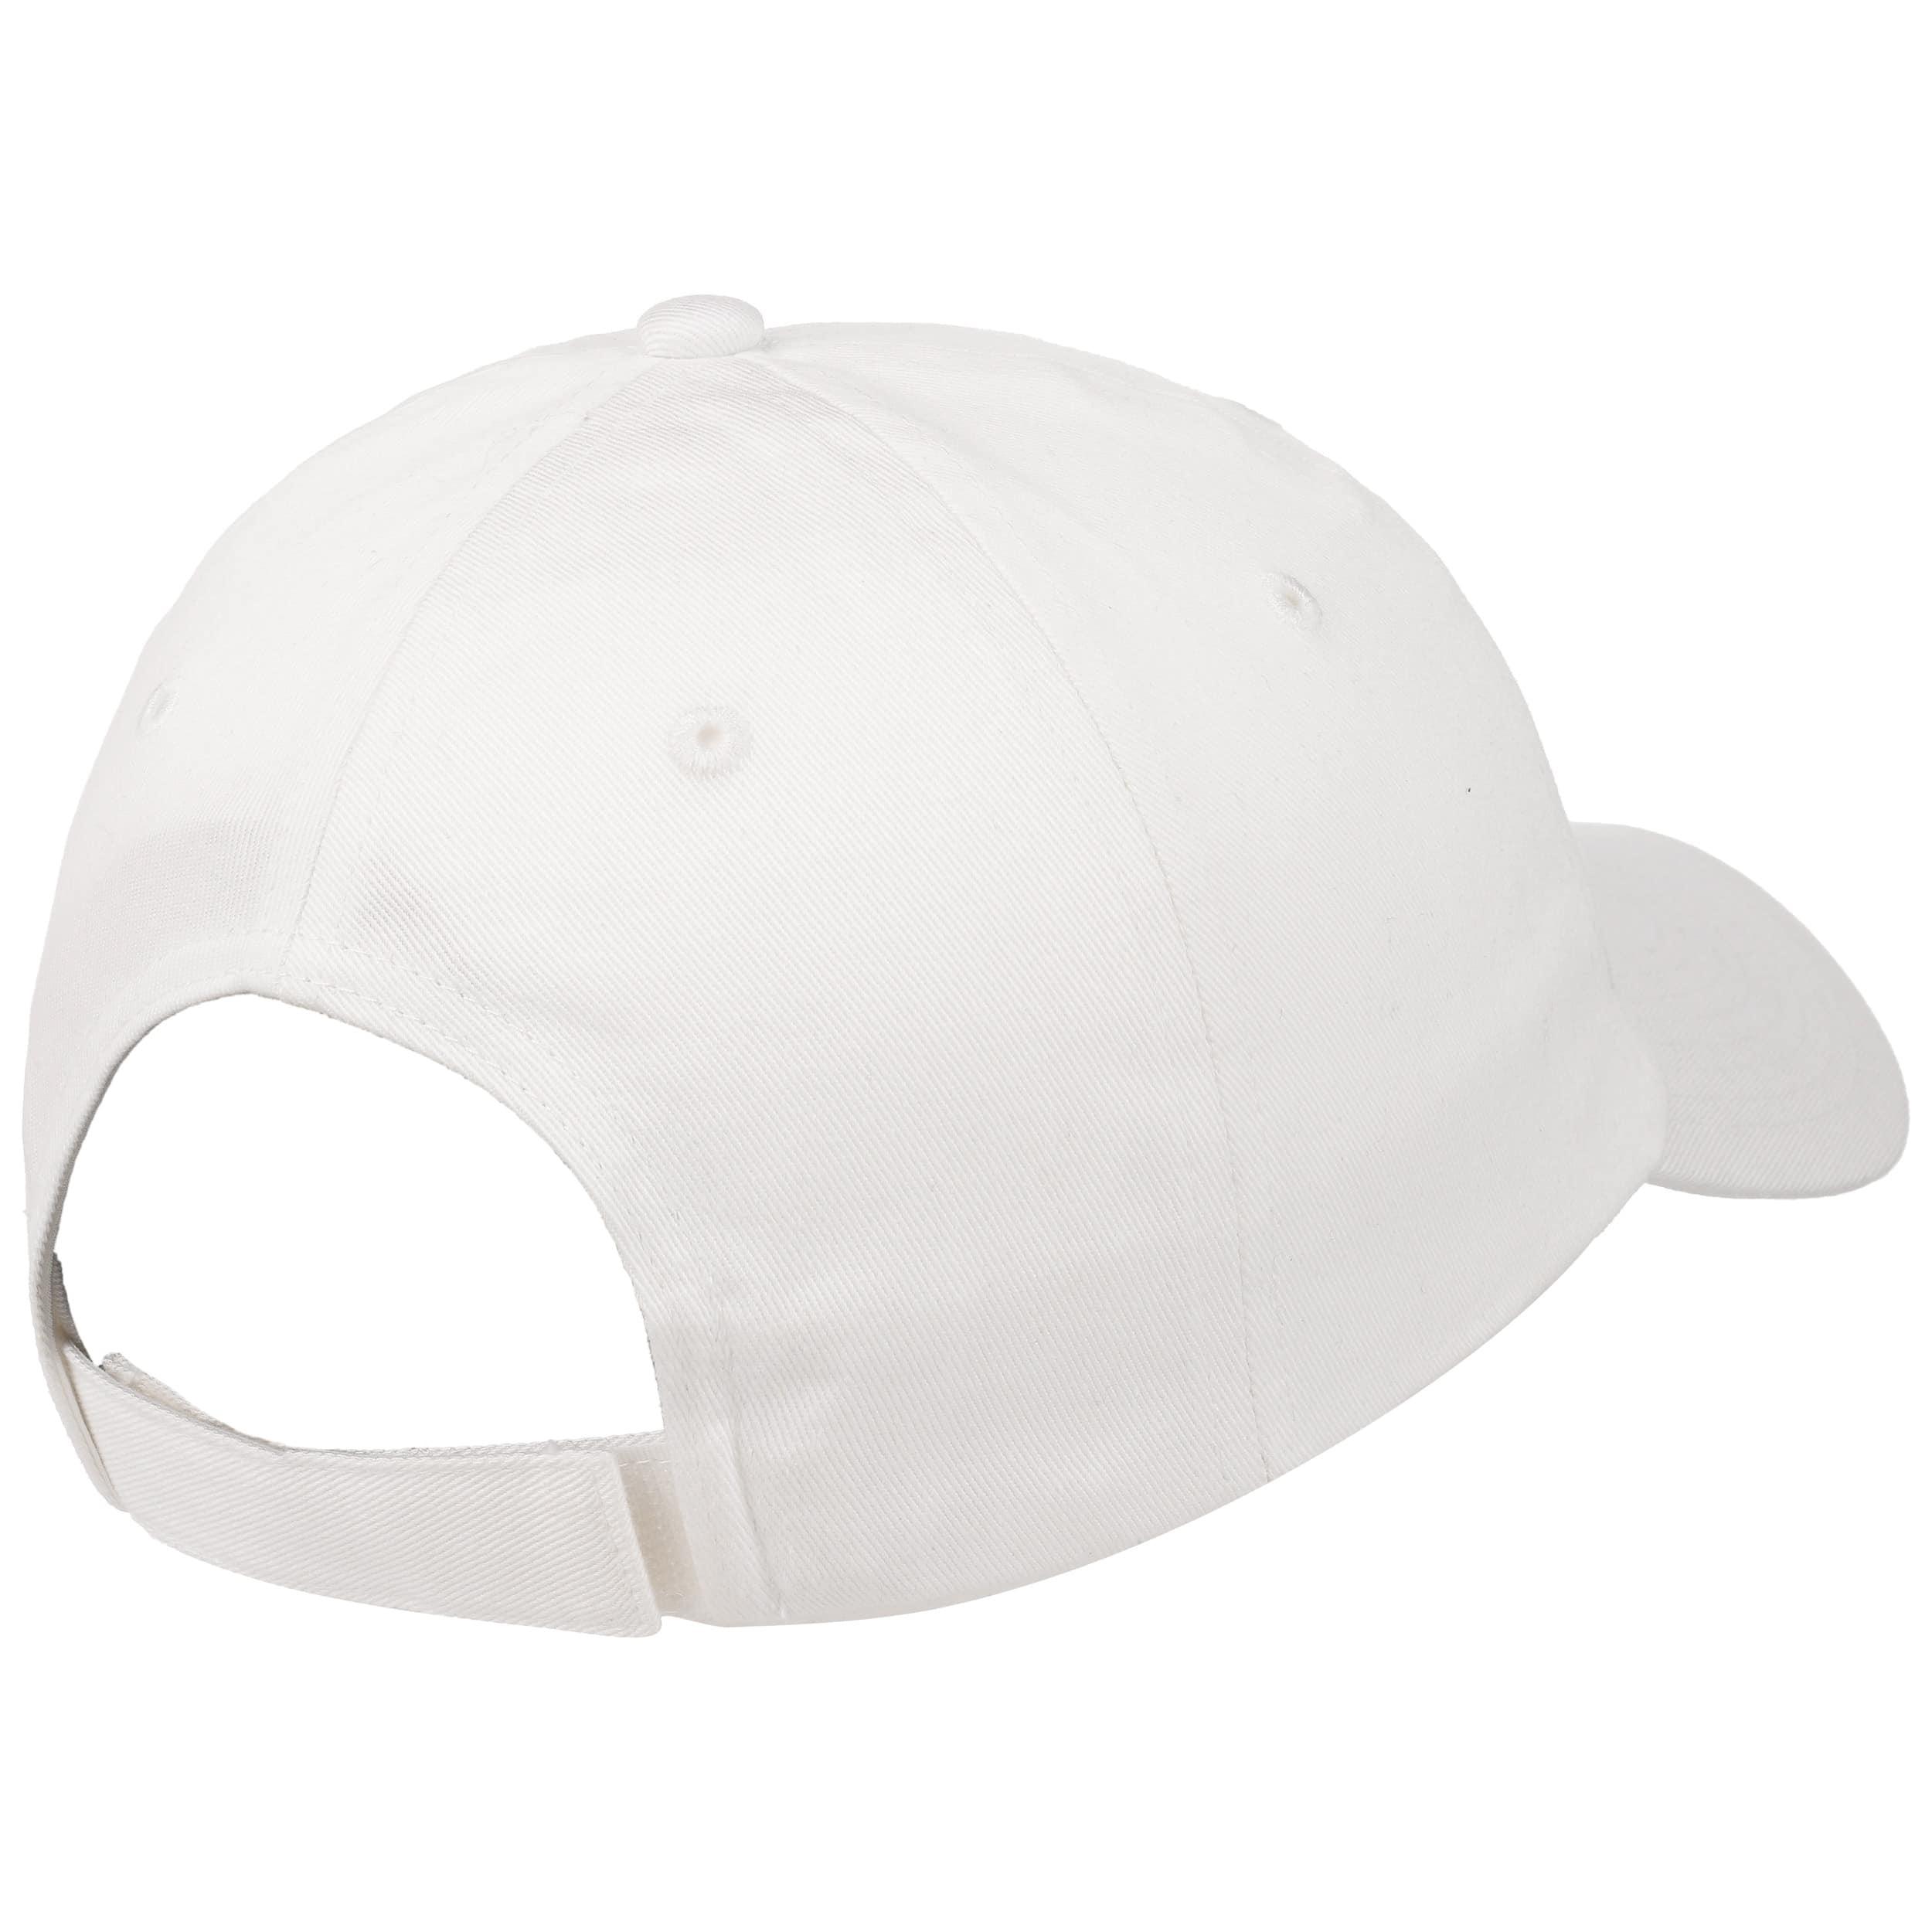 Ess Big Cat White Cap